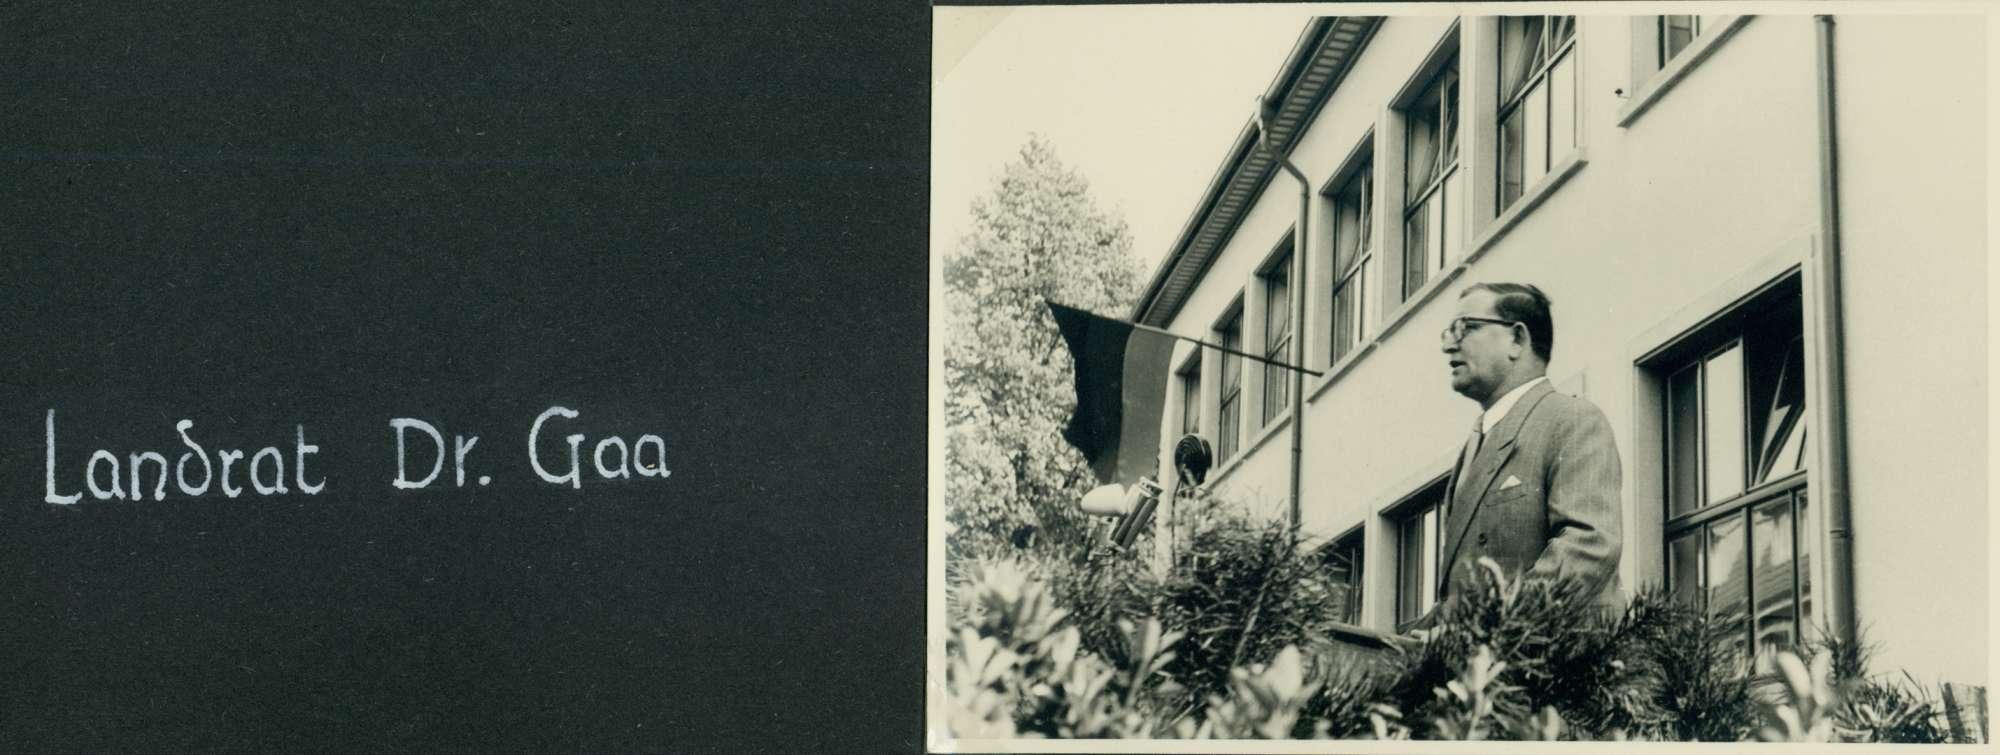 [Schulhausneubau in Brühl: Ansprache von] Landrat Dr. [Valentin] Gaa, Bild 1